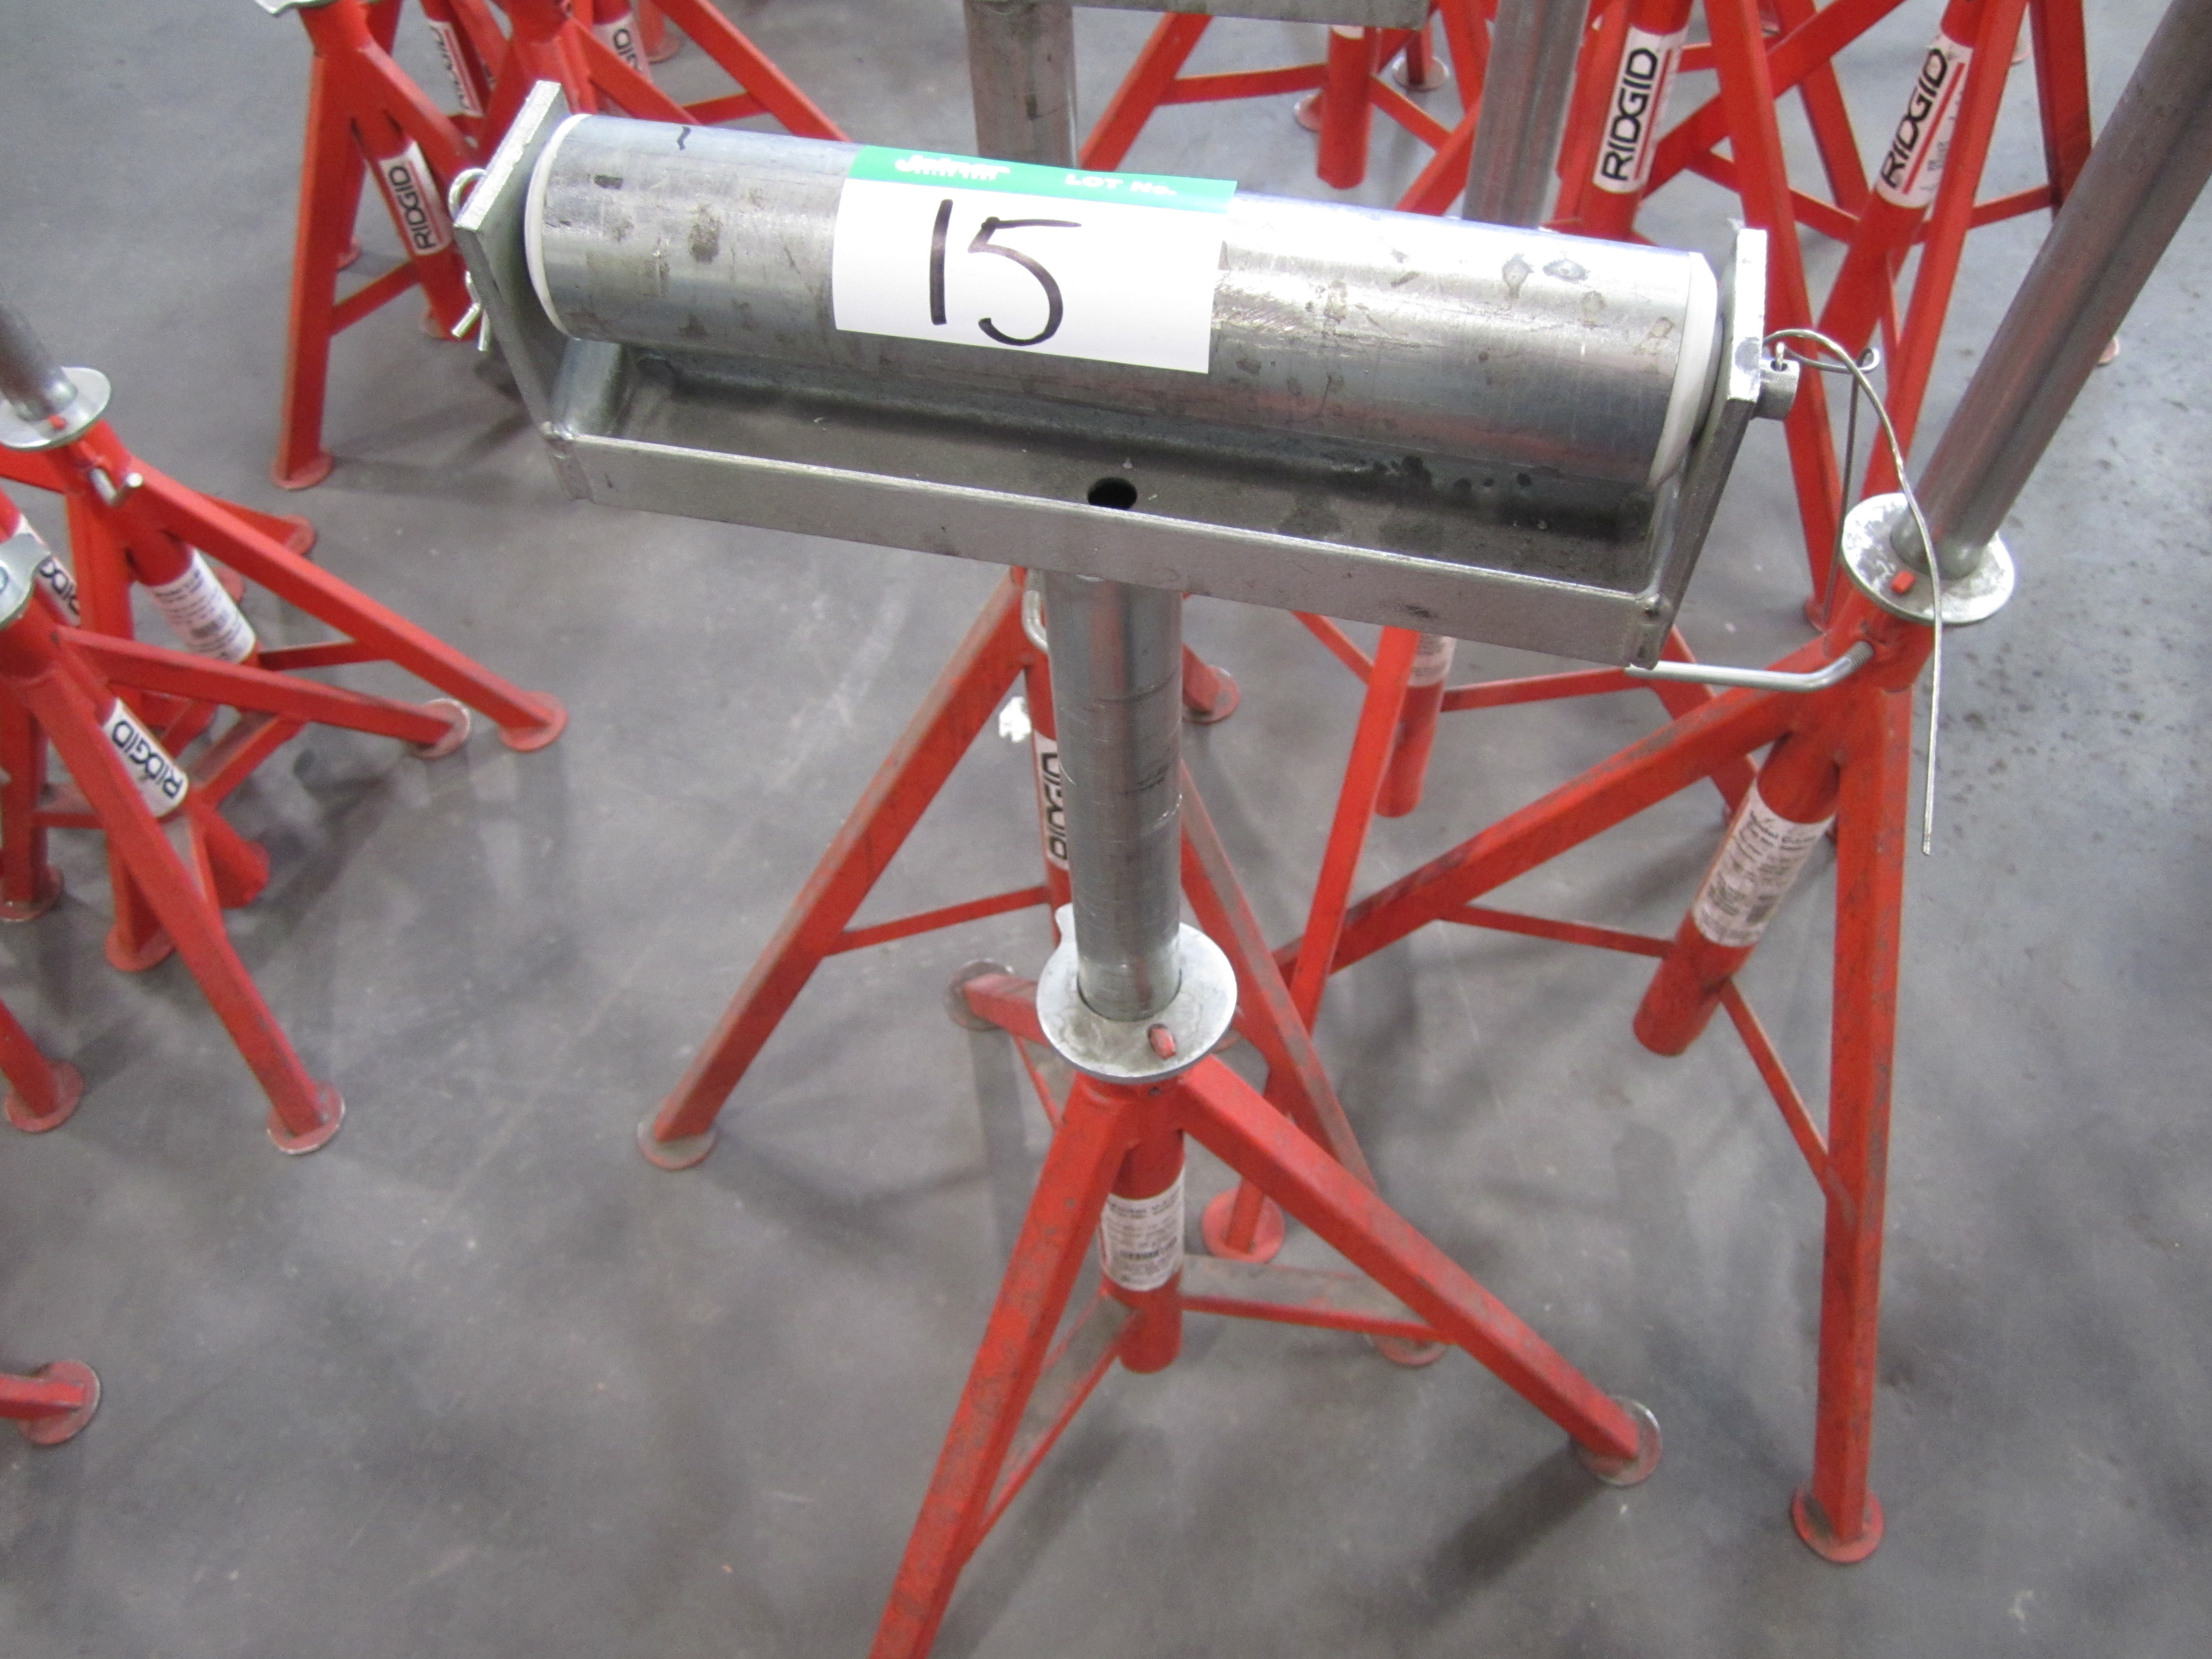 Lot 15 - L2: RIDGID TRI-STAND W/ROLL TOP